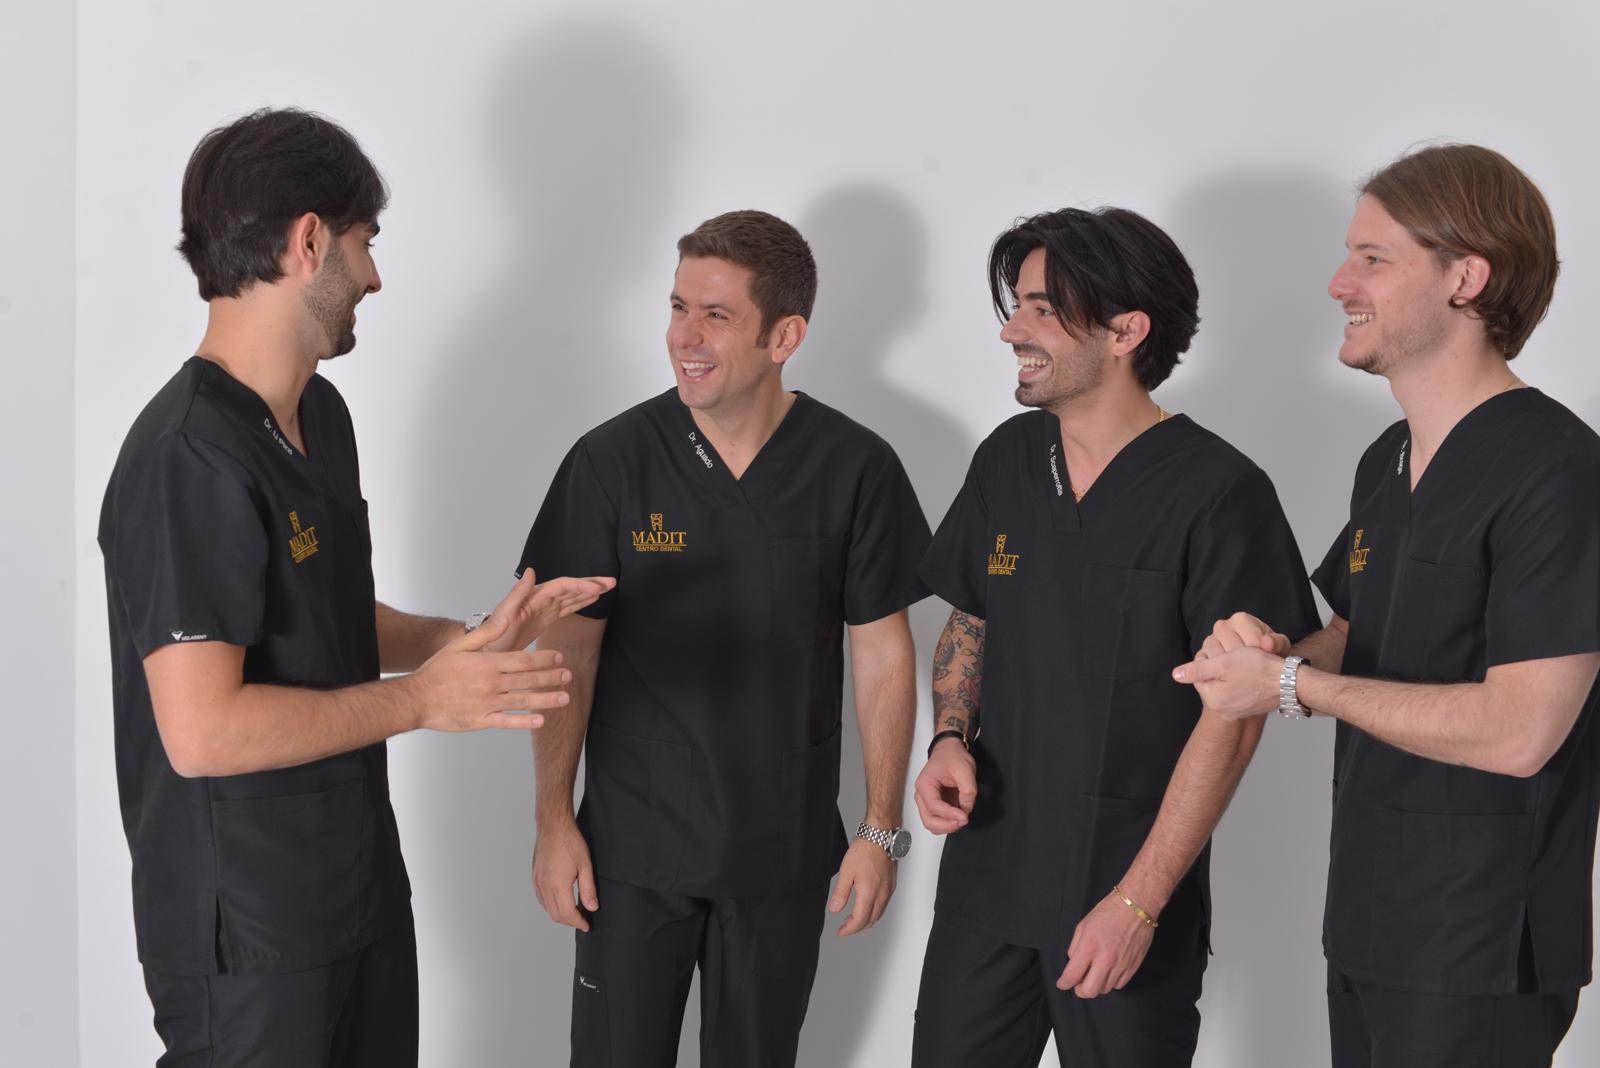 clinica-dental-madit